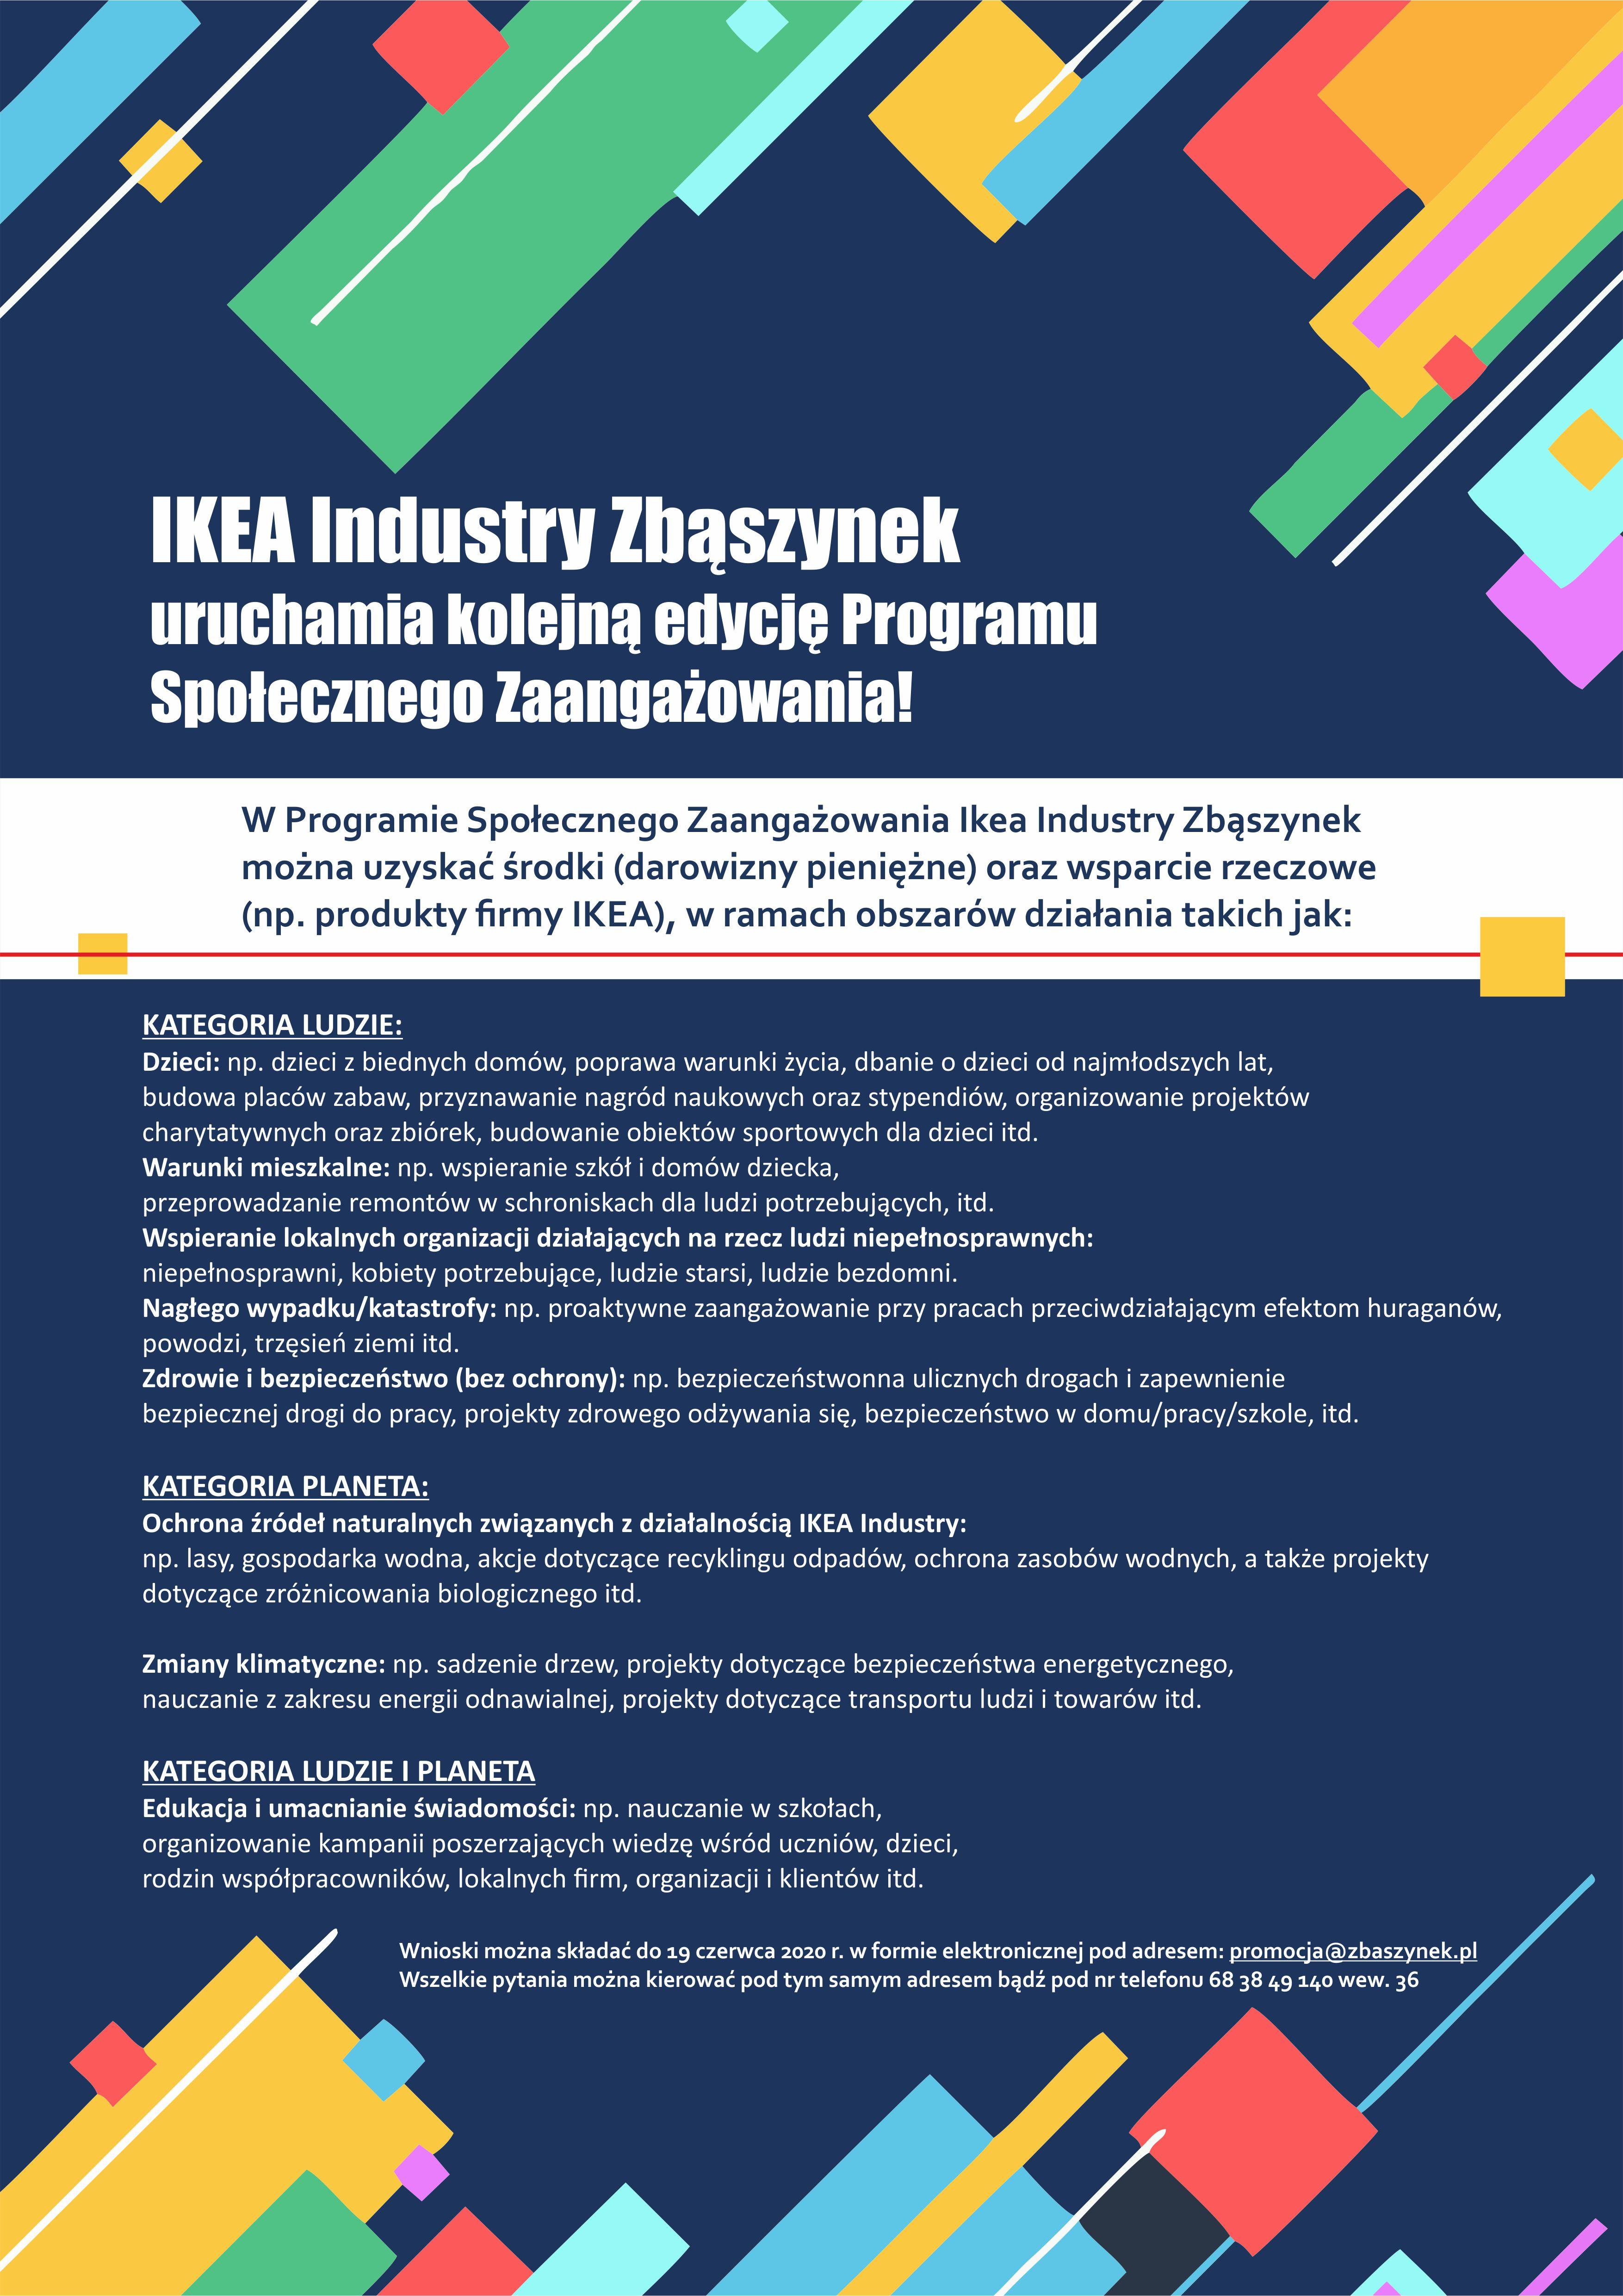 Ilustracja do informacji: IKEA Industry Zbąszynek uruchamia kolejną edycję Programu Społecznego Zaangażowania!